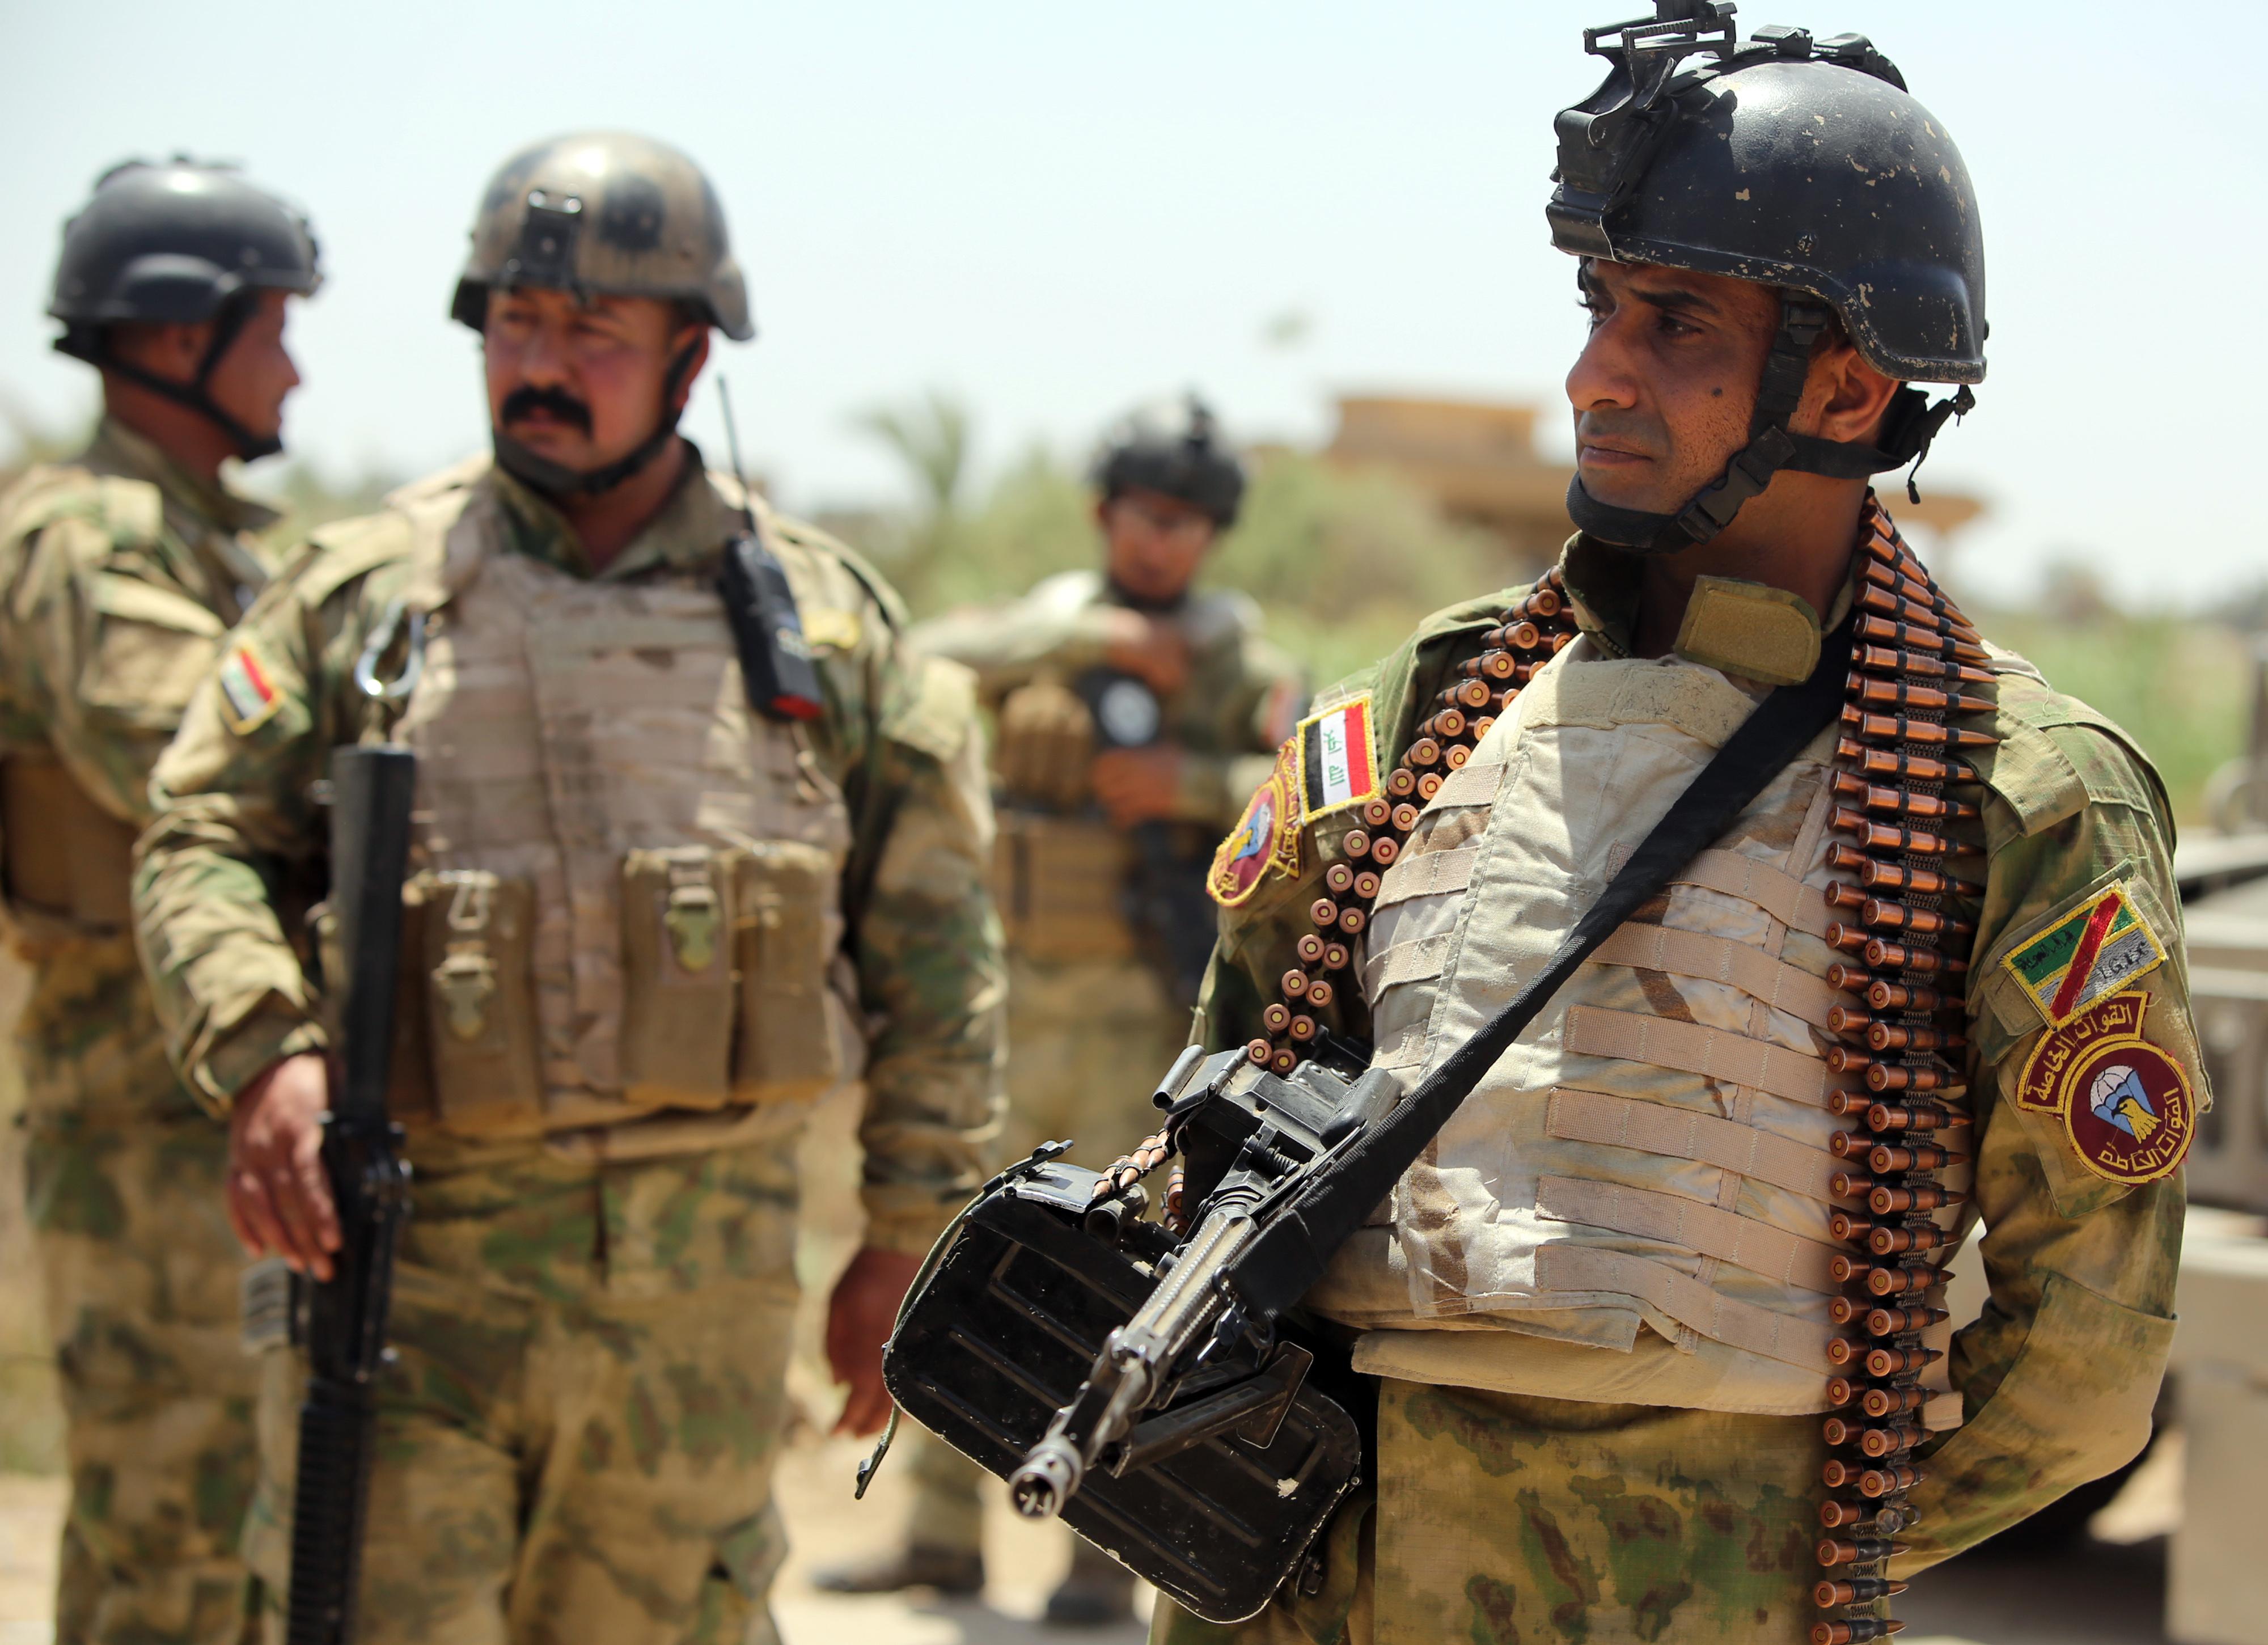 جنود عراقيون في ناحية الكرمة التابعة لقضاء الفلوجة في الأنبار